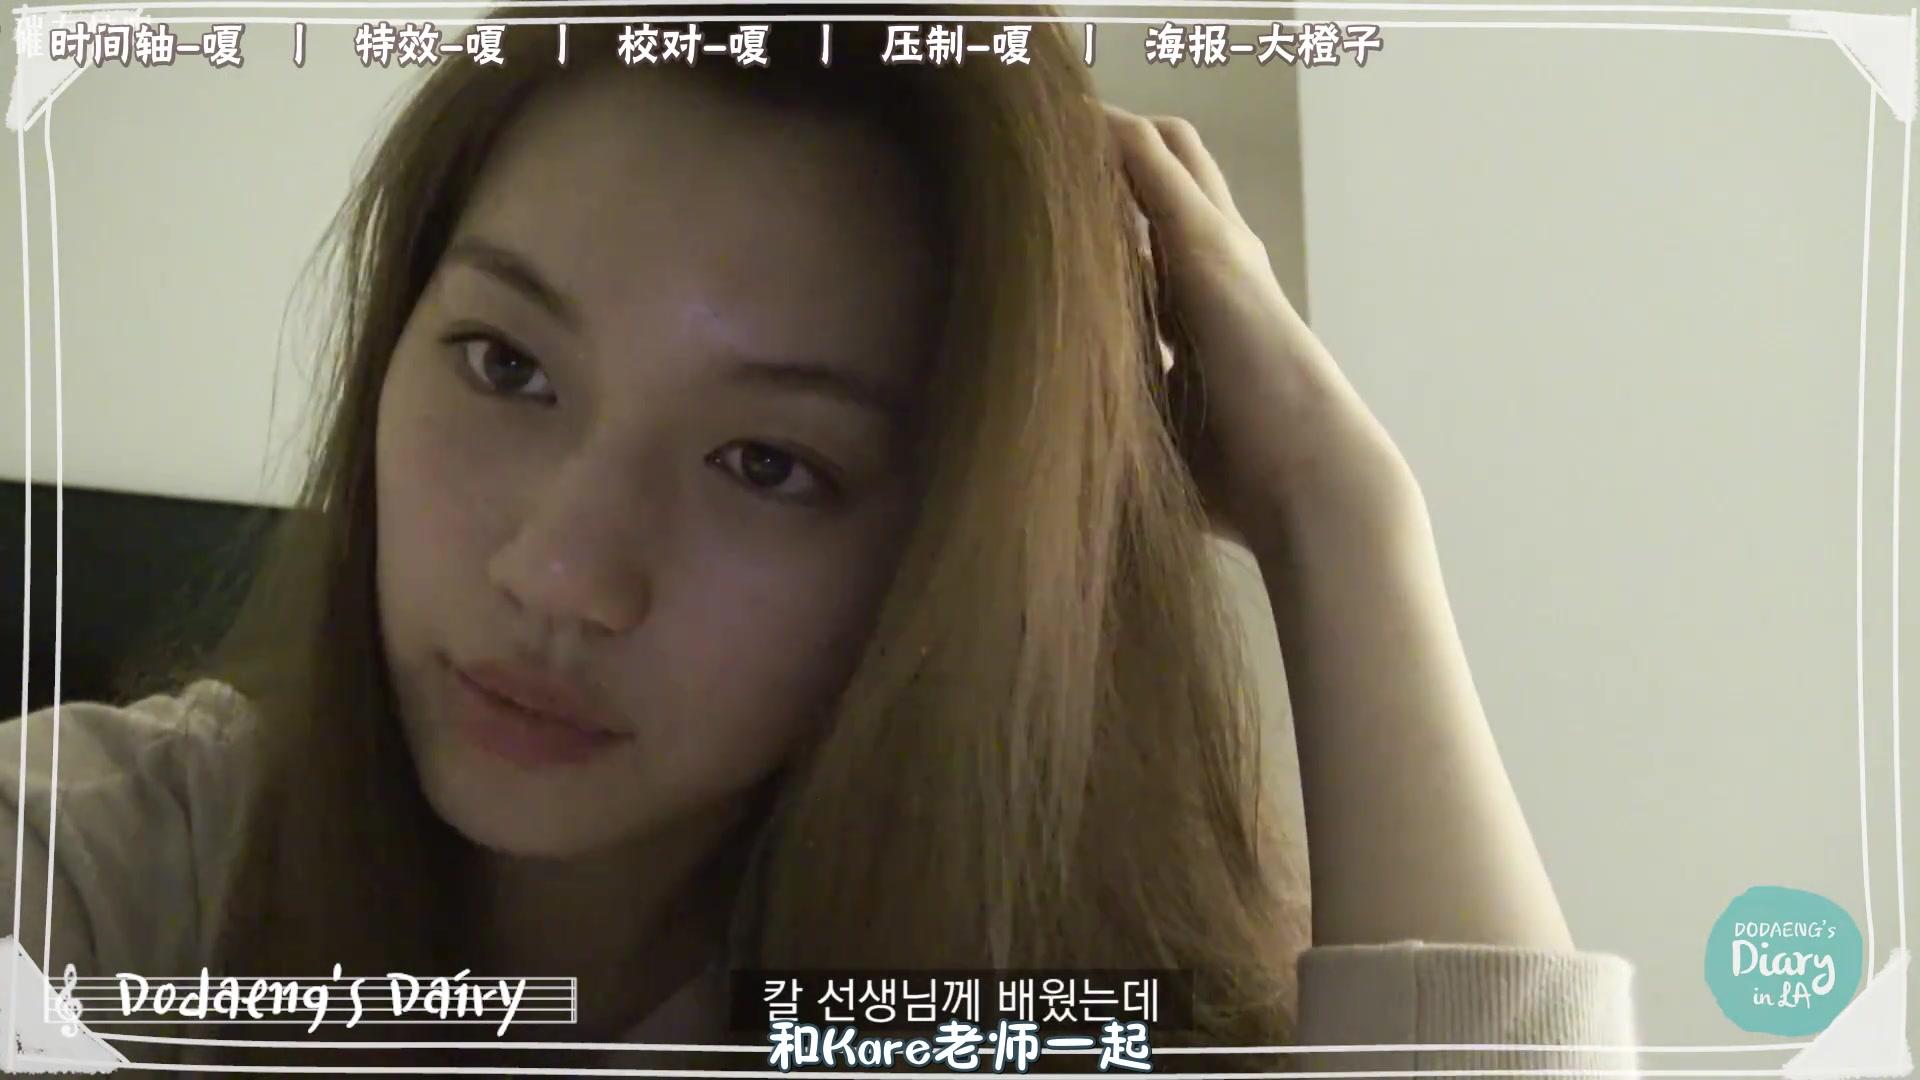 【磪吧中字】170512 DDL (Dodaeng′s Diary in LA) E06